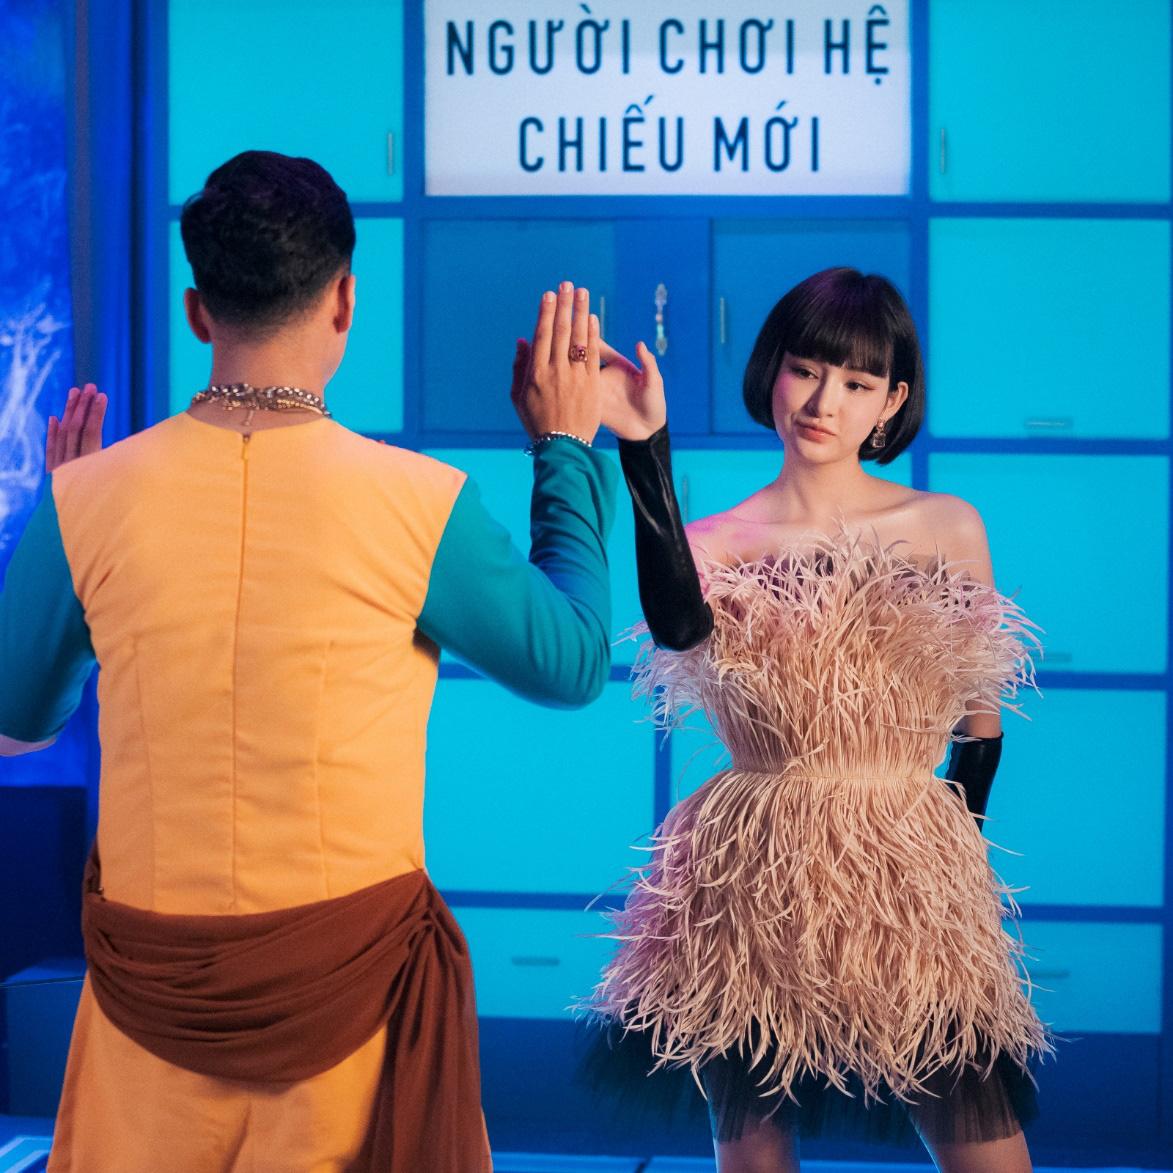 Thiều Bảo Trâm lần đầu song ca cùng Hiền Hồ, chị chị em em khoe visual không kém cạnh nhau trong MV - Ảnh 4.